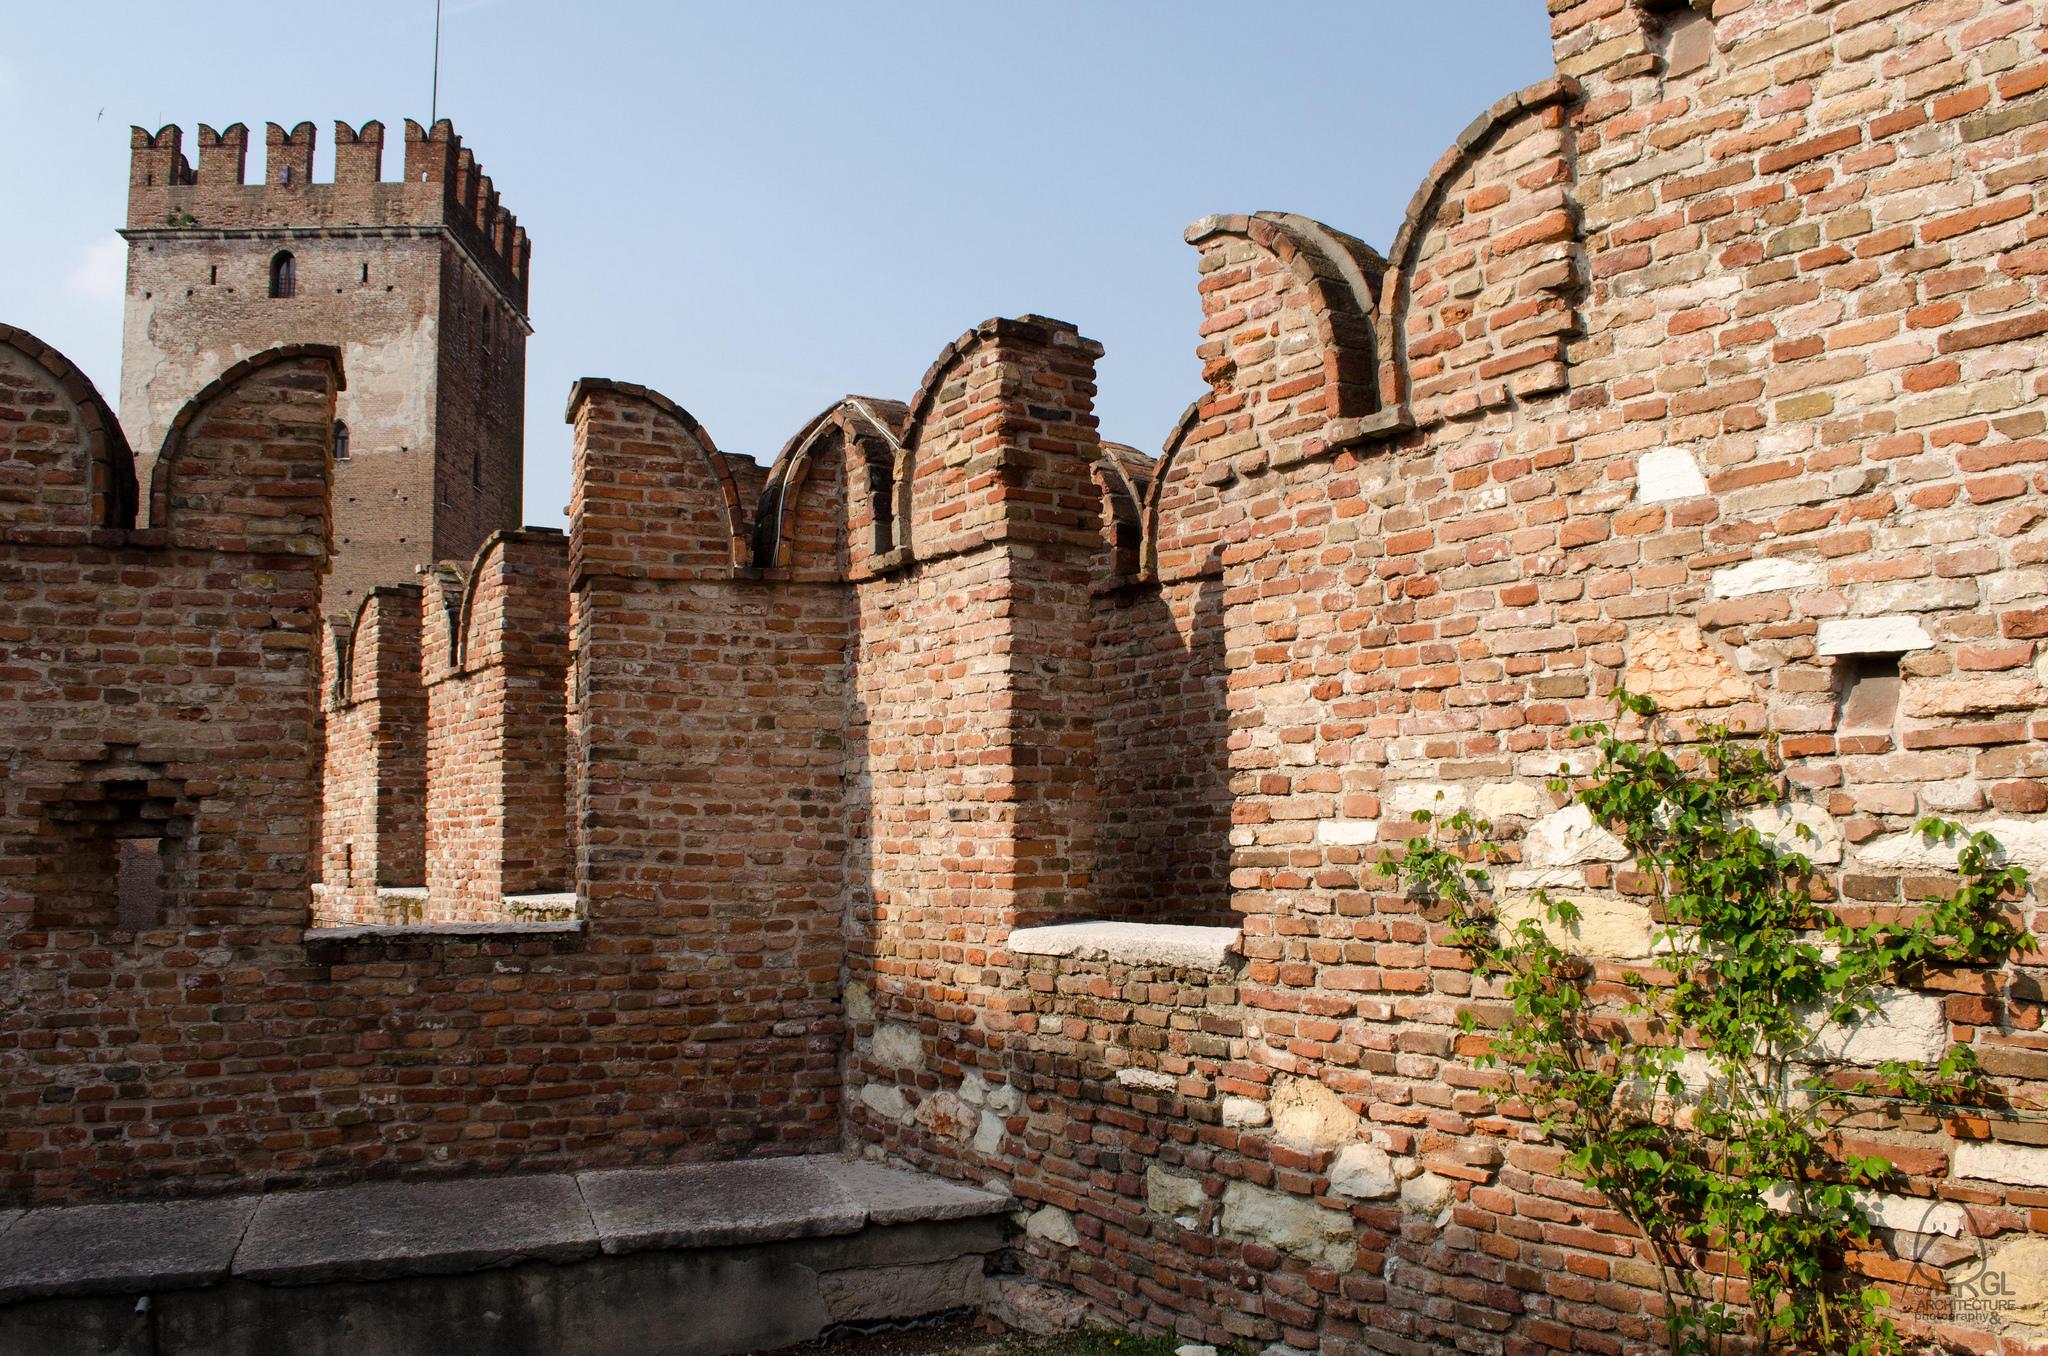 Музей Кастельвеккьо, внешняя стена замка